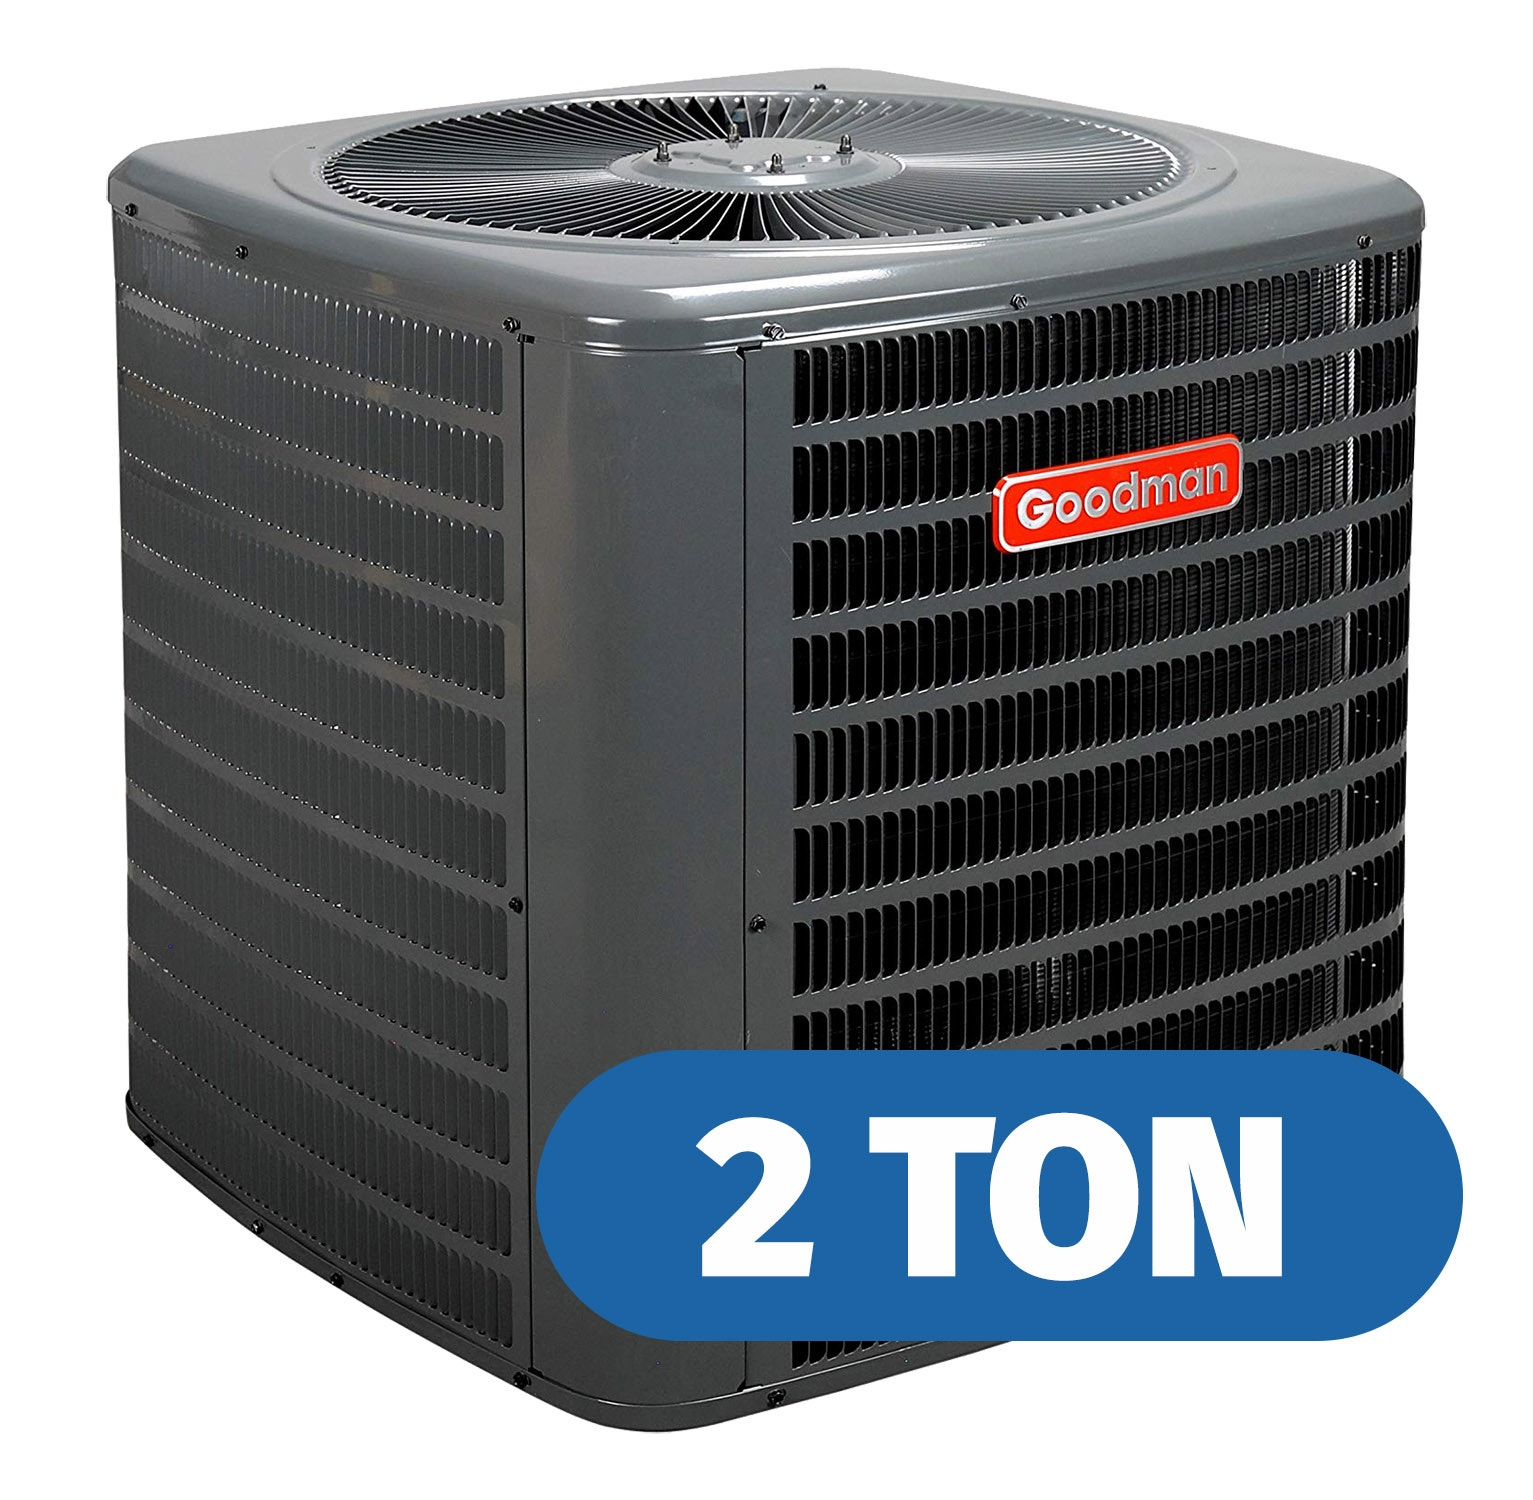 2 Ton Heat Pumps